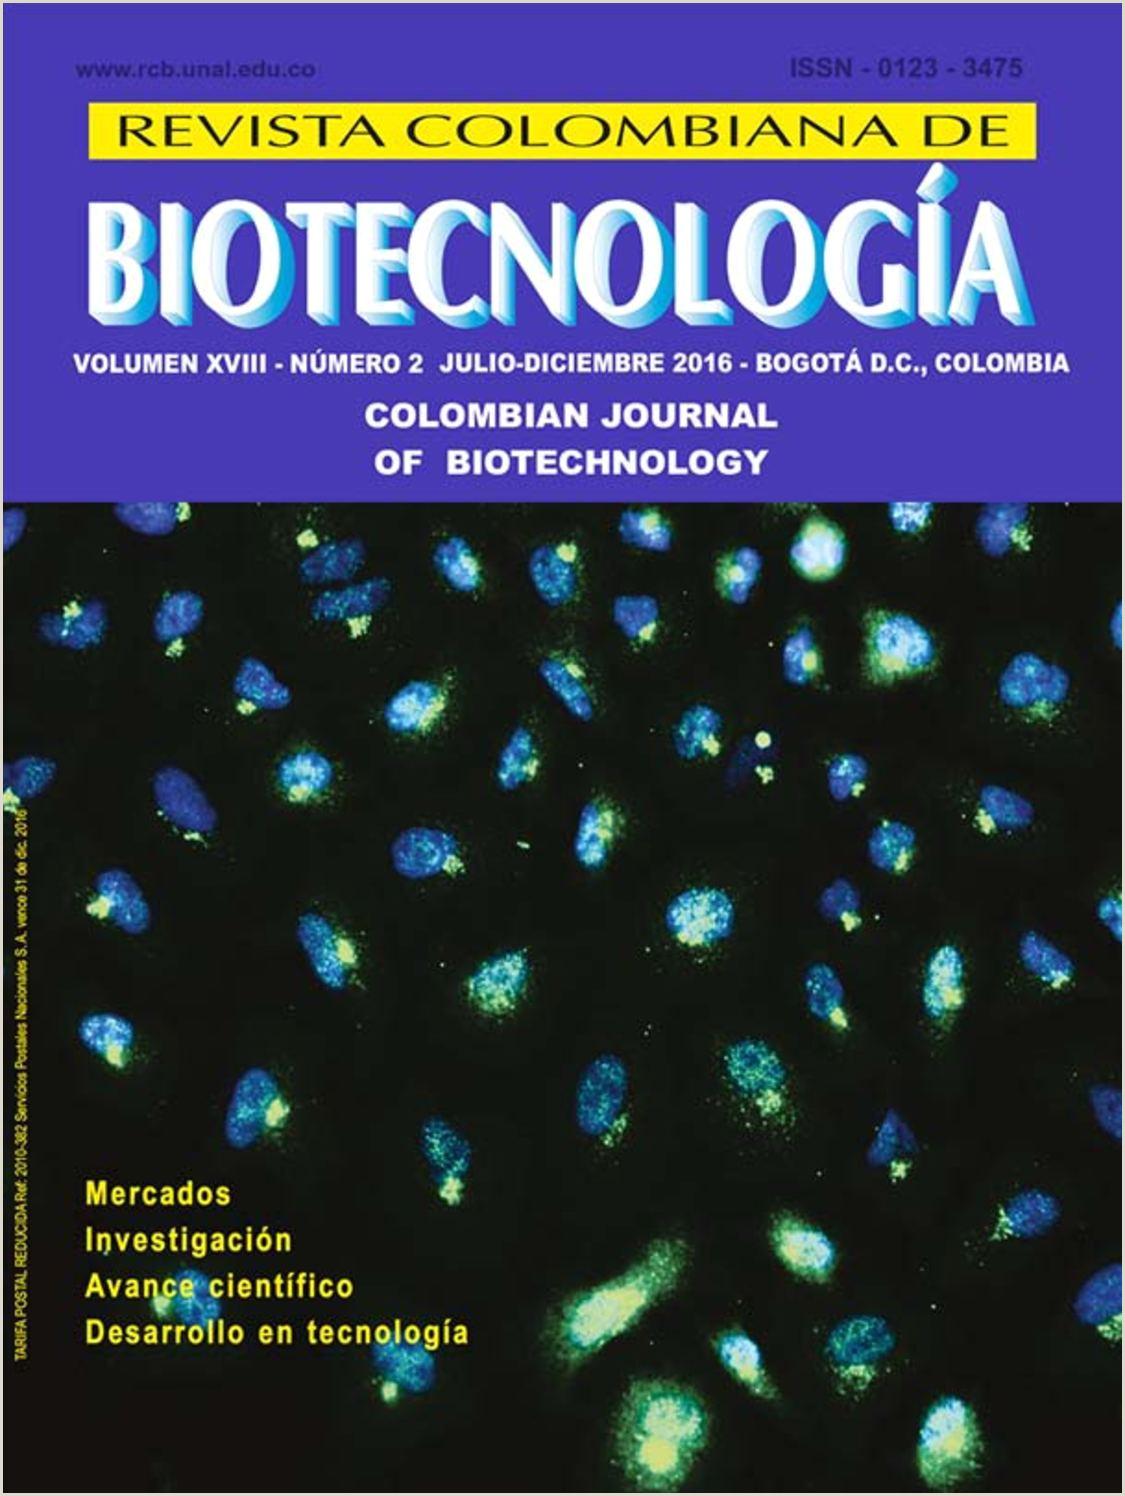 Formato Hoja De Vida Colombia Calaméo Rev Colomb Biotecnol Vol 18 2 2016